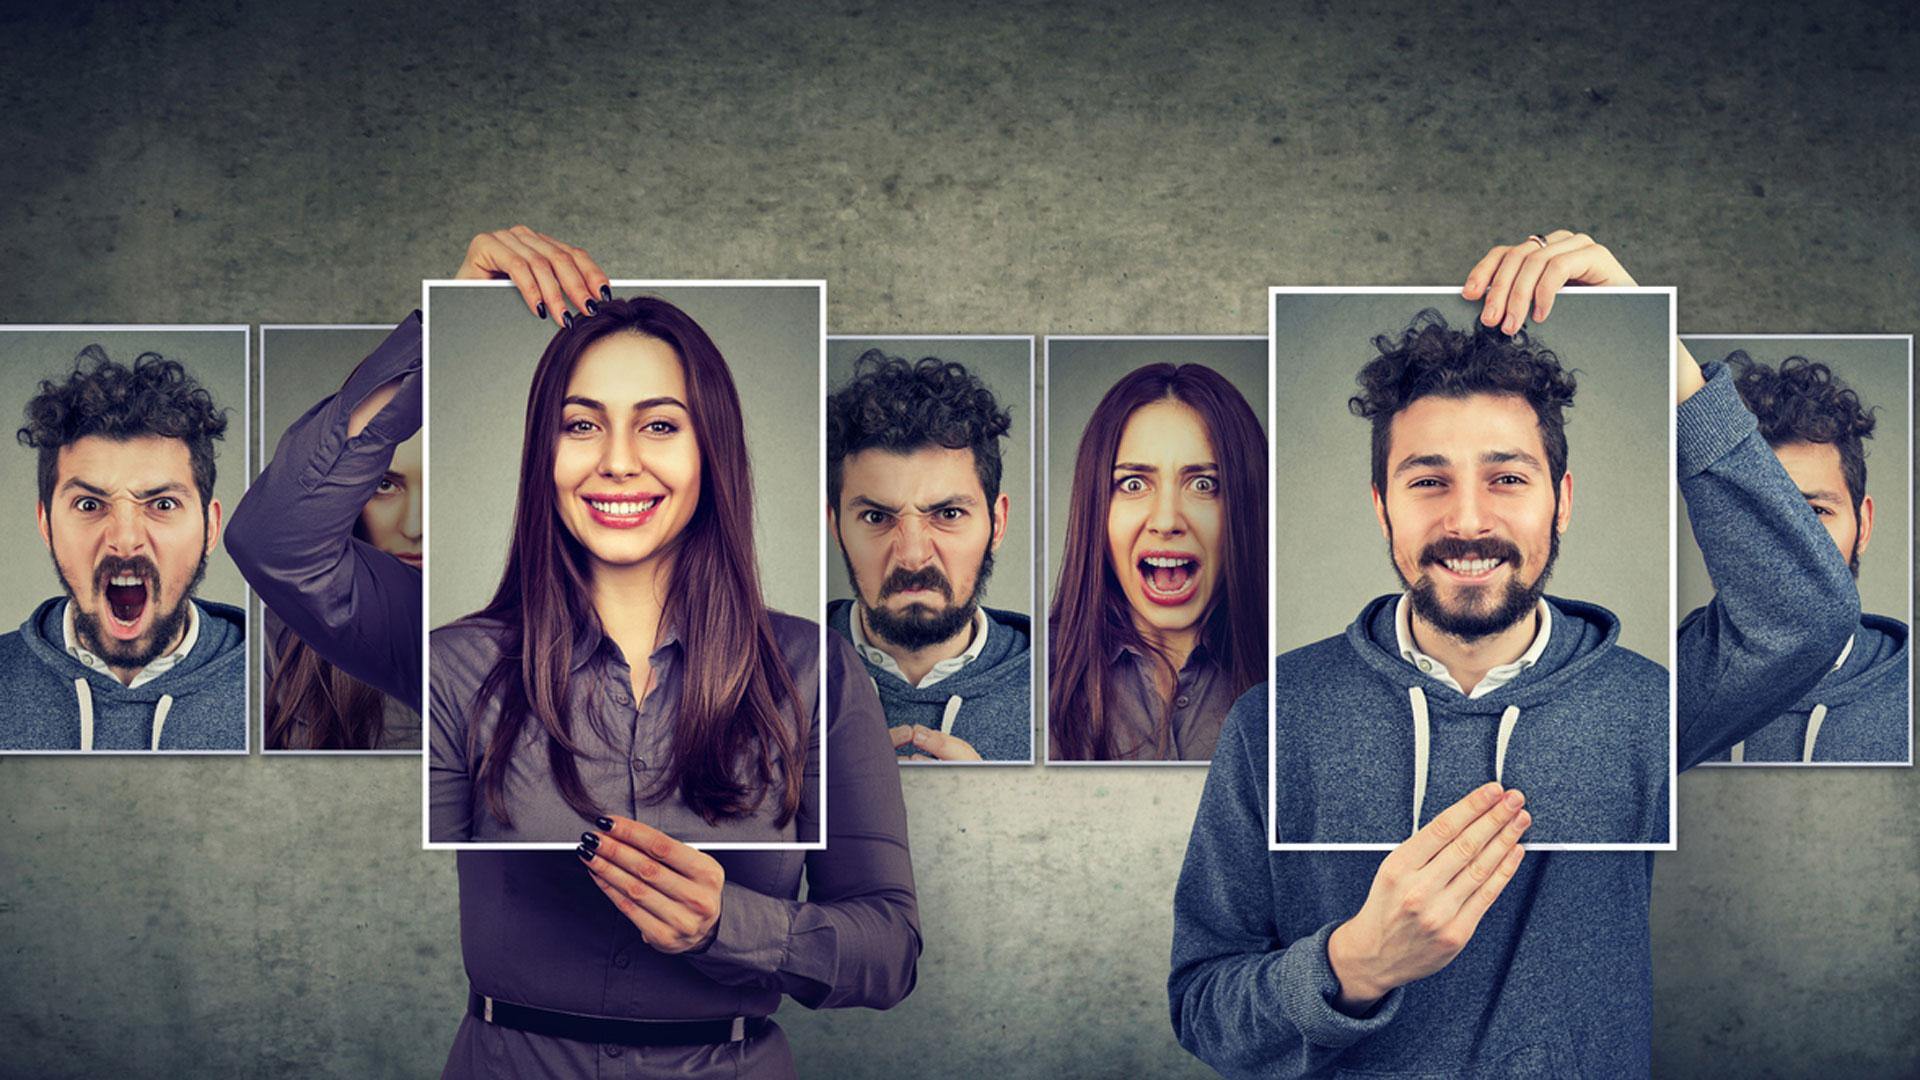 Työpaikalla persoonallisuuserot voivat törmätä.